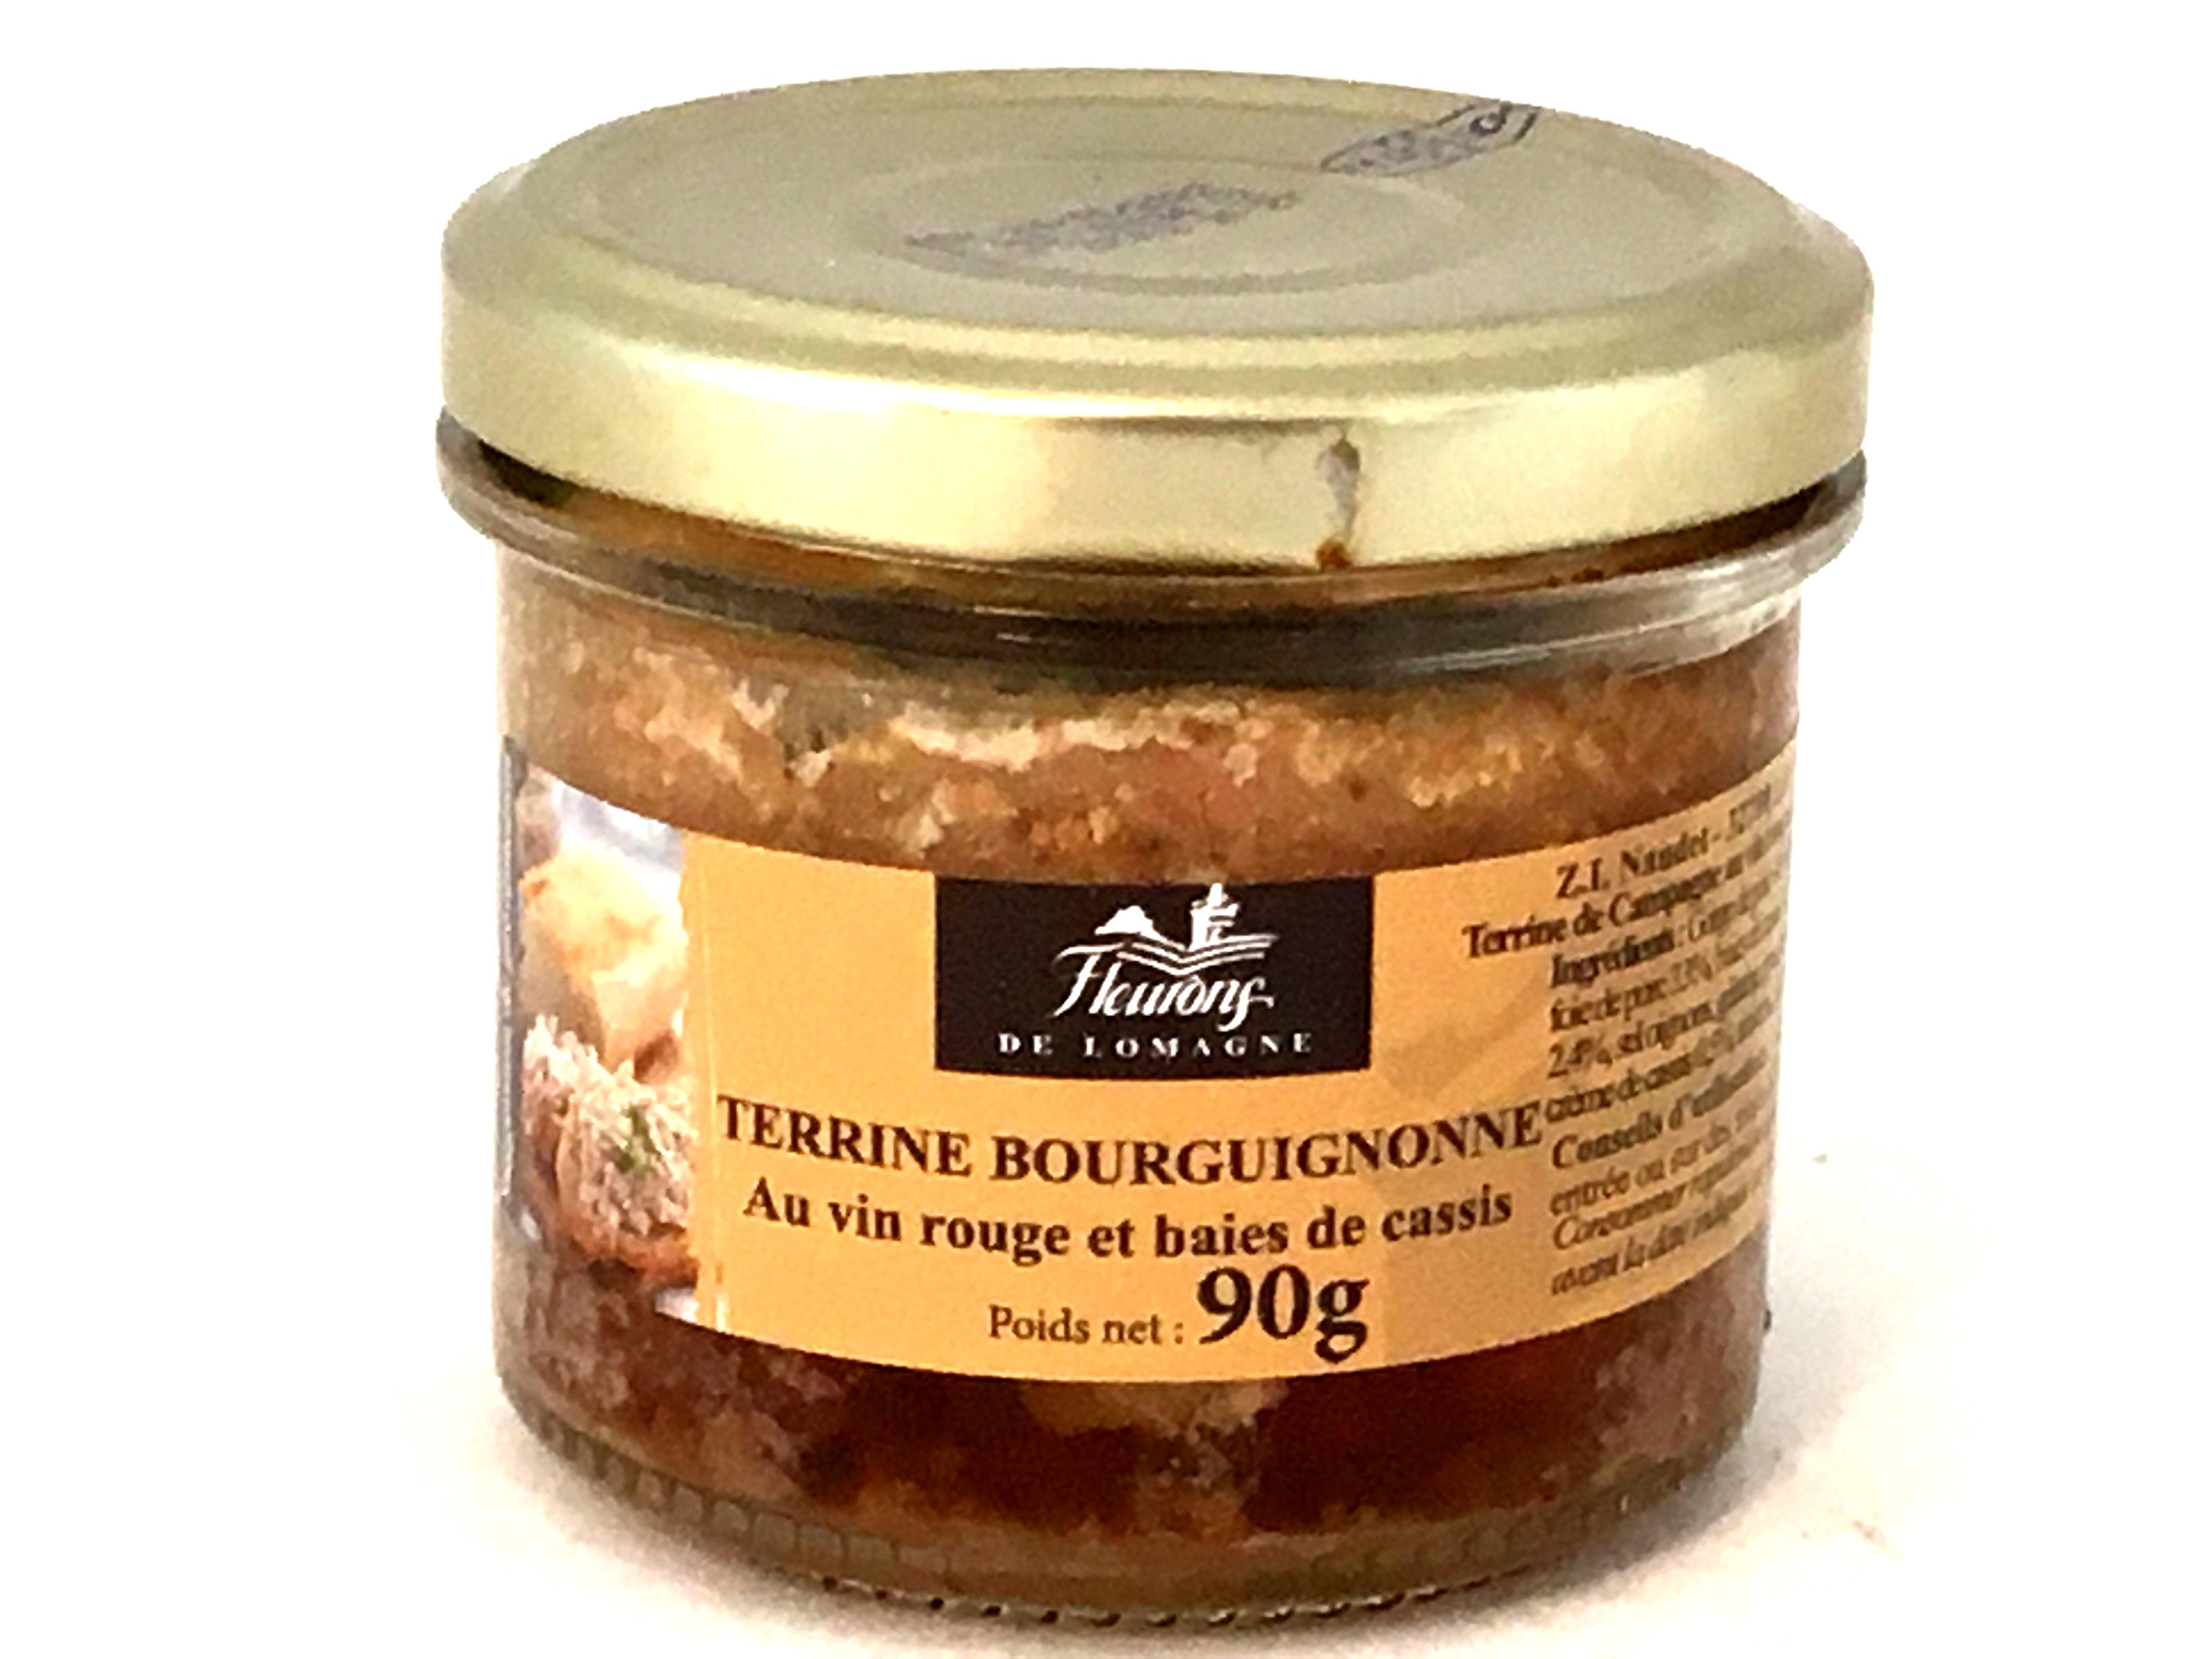 Terrine Bourguignonne au vin rouge et baies de cassis 90g (bocal)